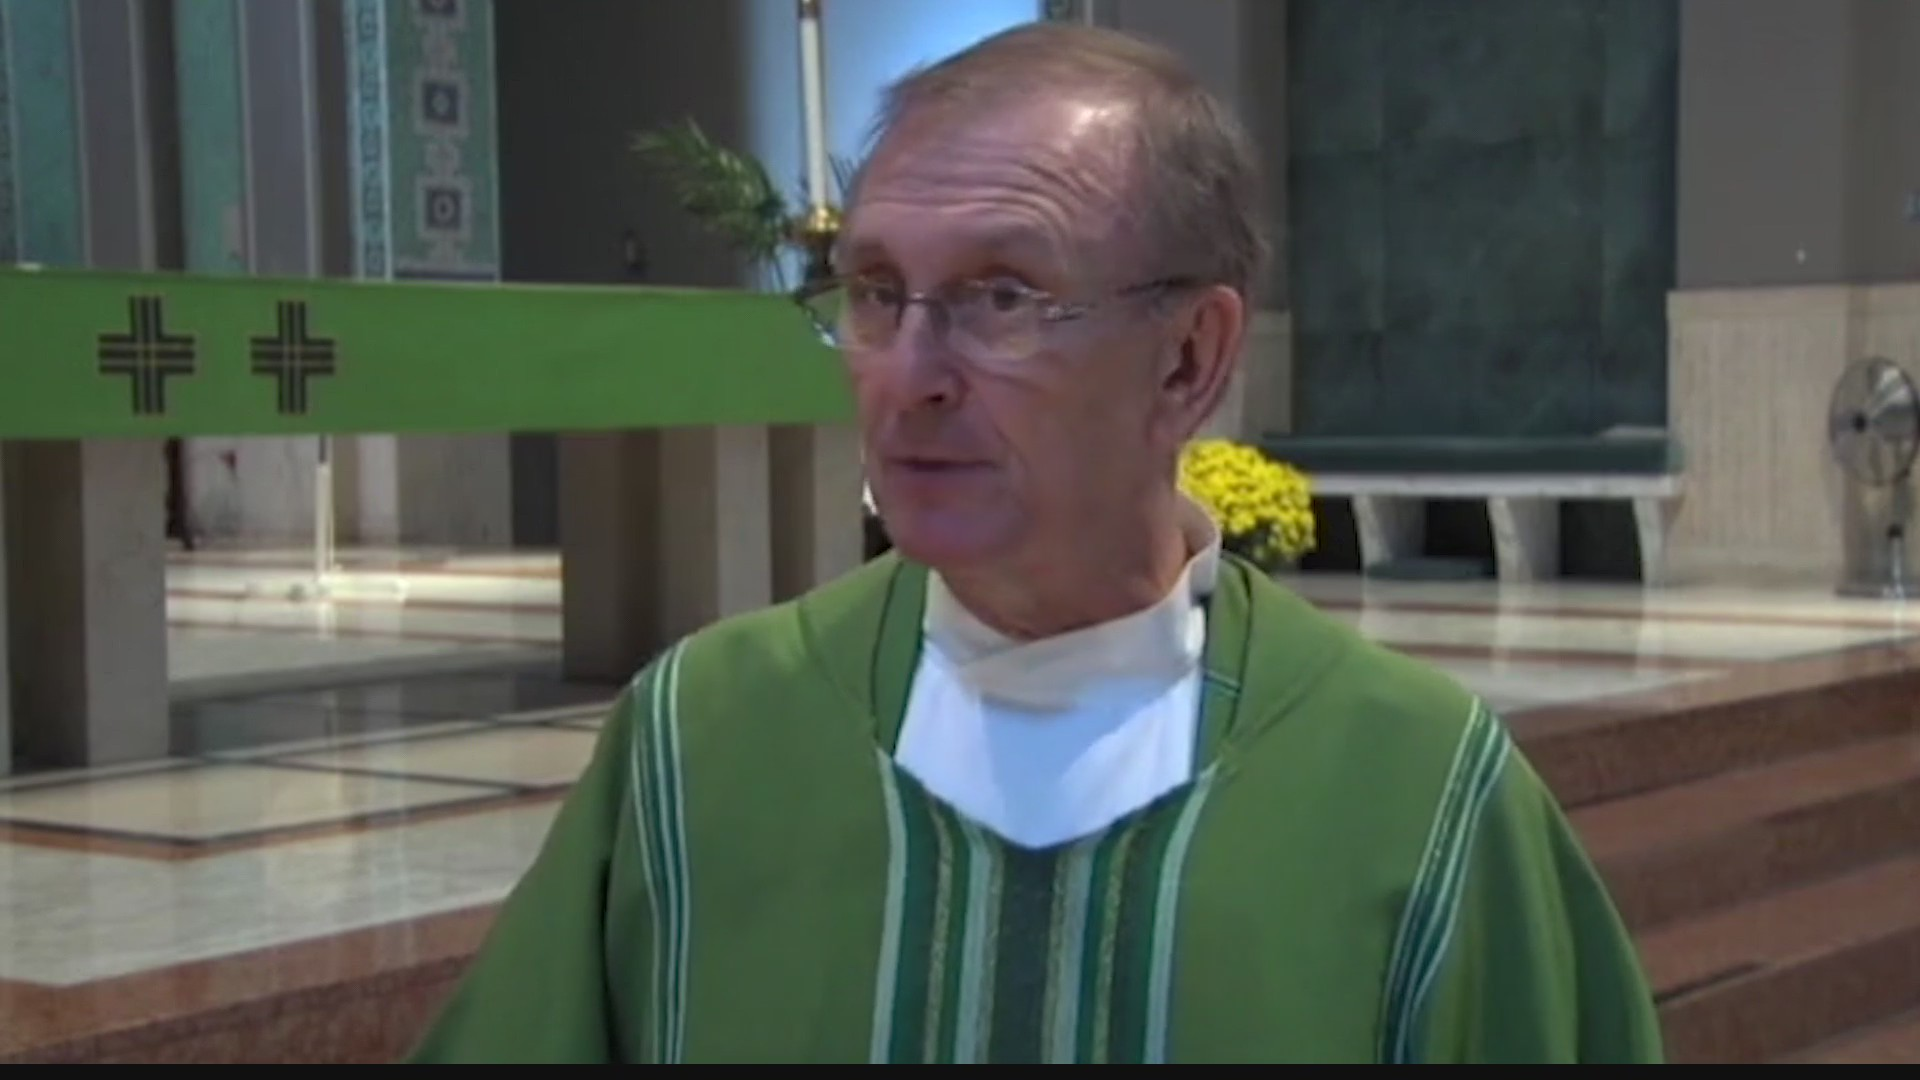 Altoona_priest_placed_on_leave_0_20190313211013